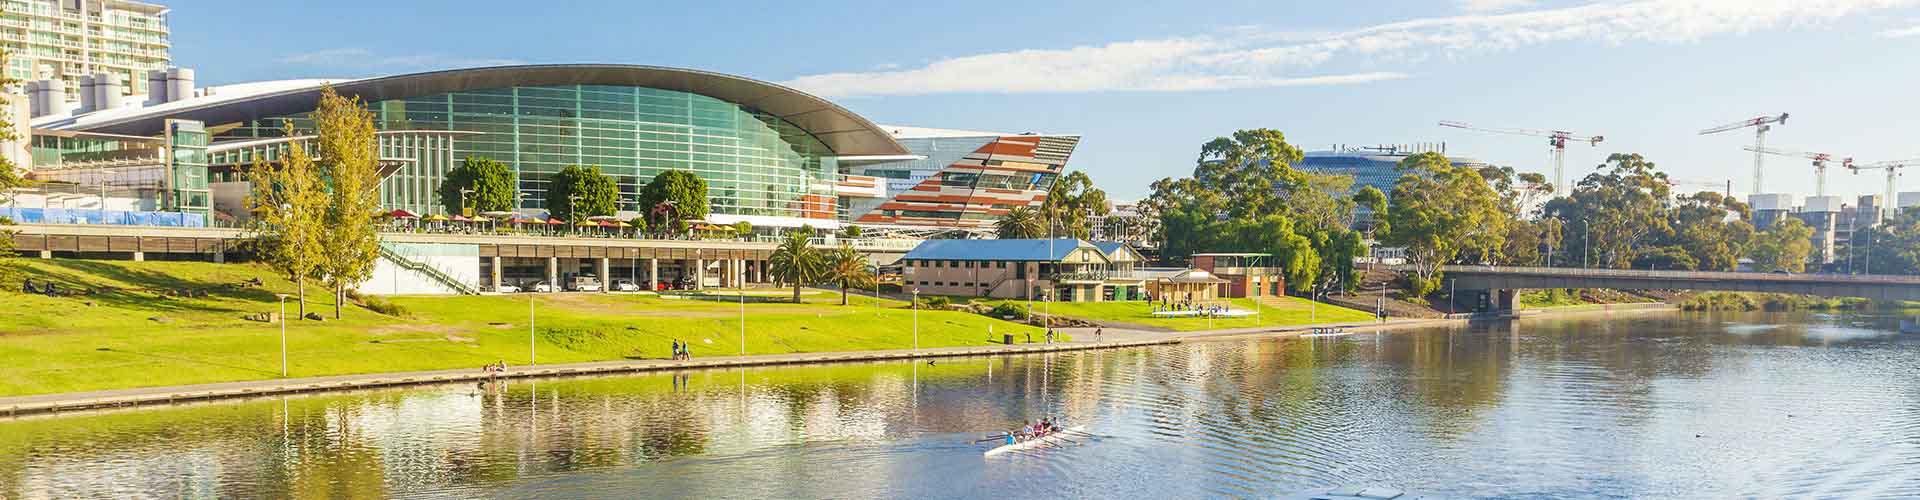 Adelaide – Hotellit kaupungiosassa Adelaide keskusliikealue. Adelaide -karttoja, valokuvia ja arvosteluja kaikista Adelaide -hotelleista.